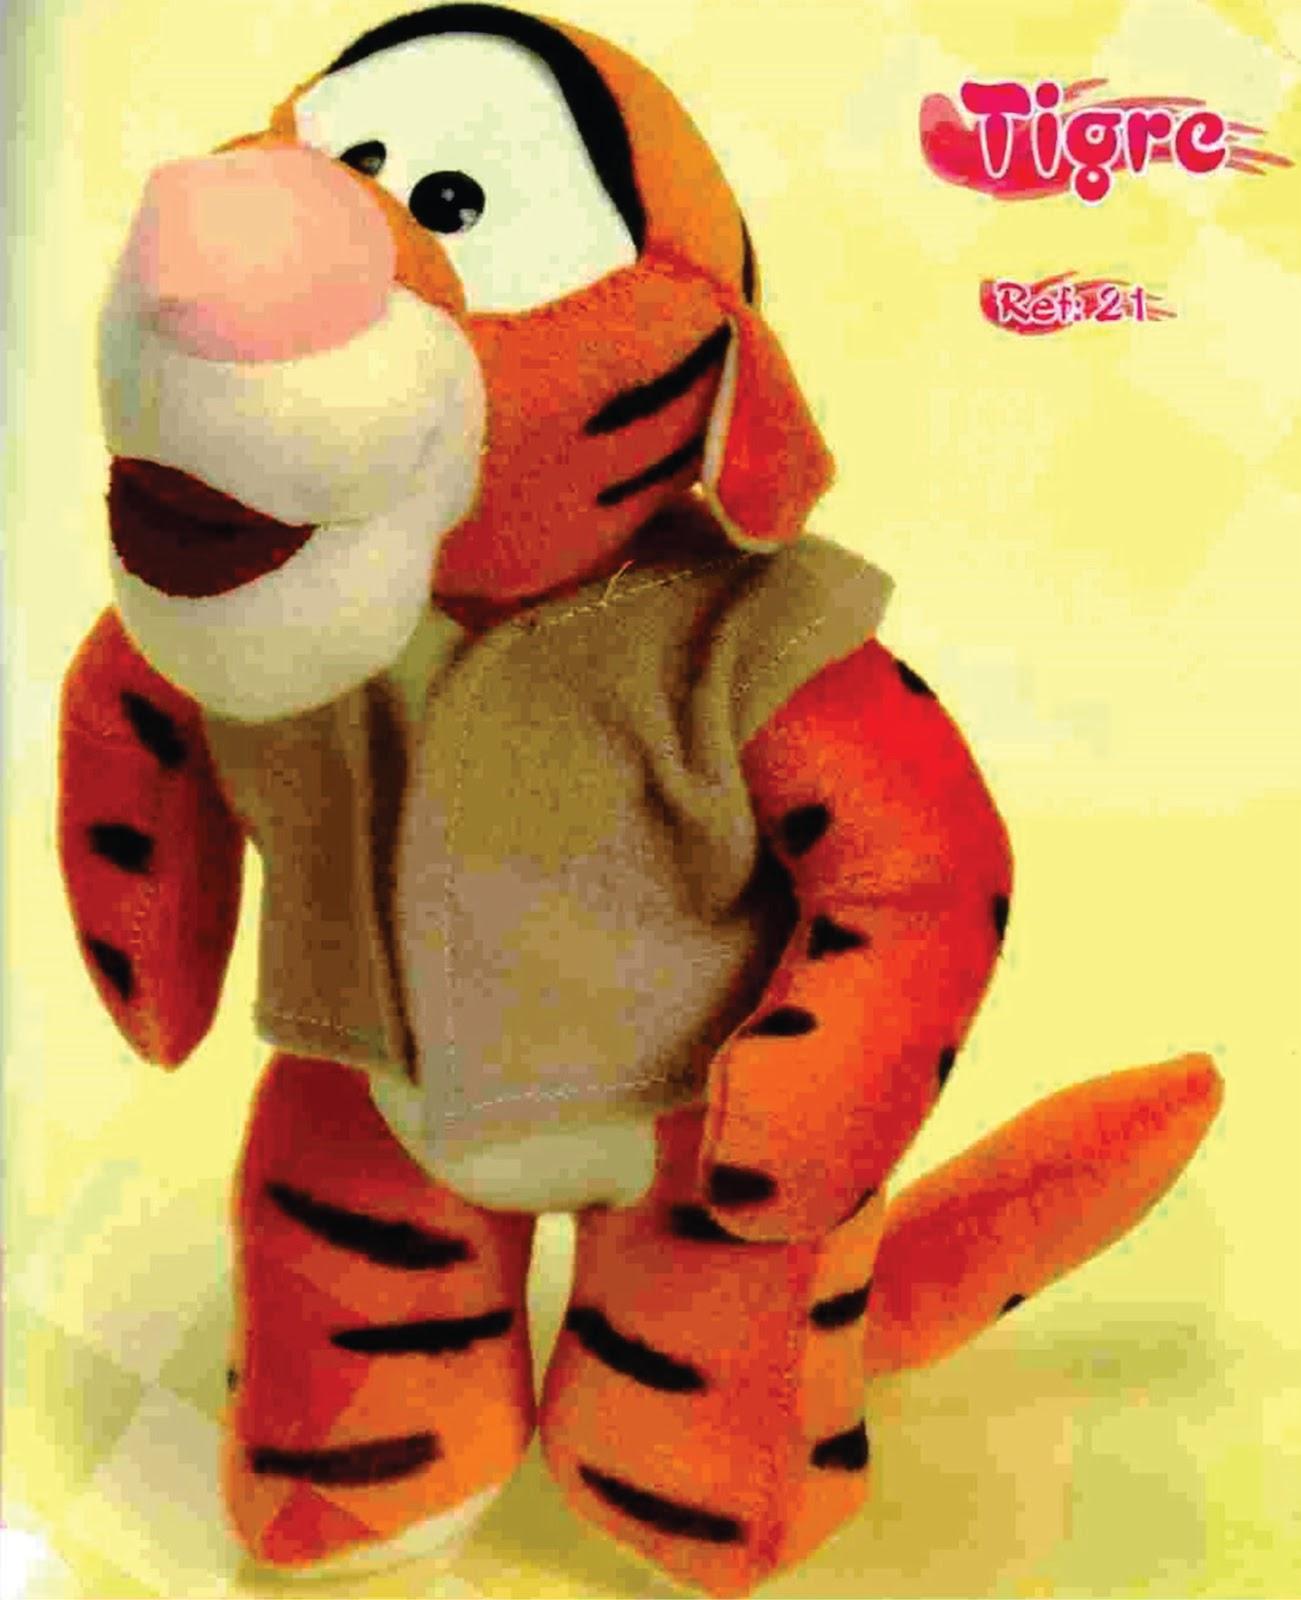 eu amo artesanato tigrão do ursinho pooh com molde